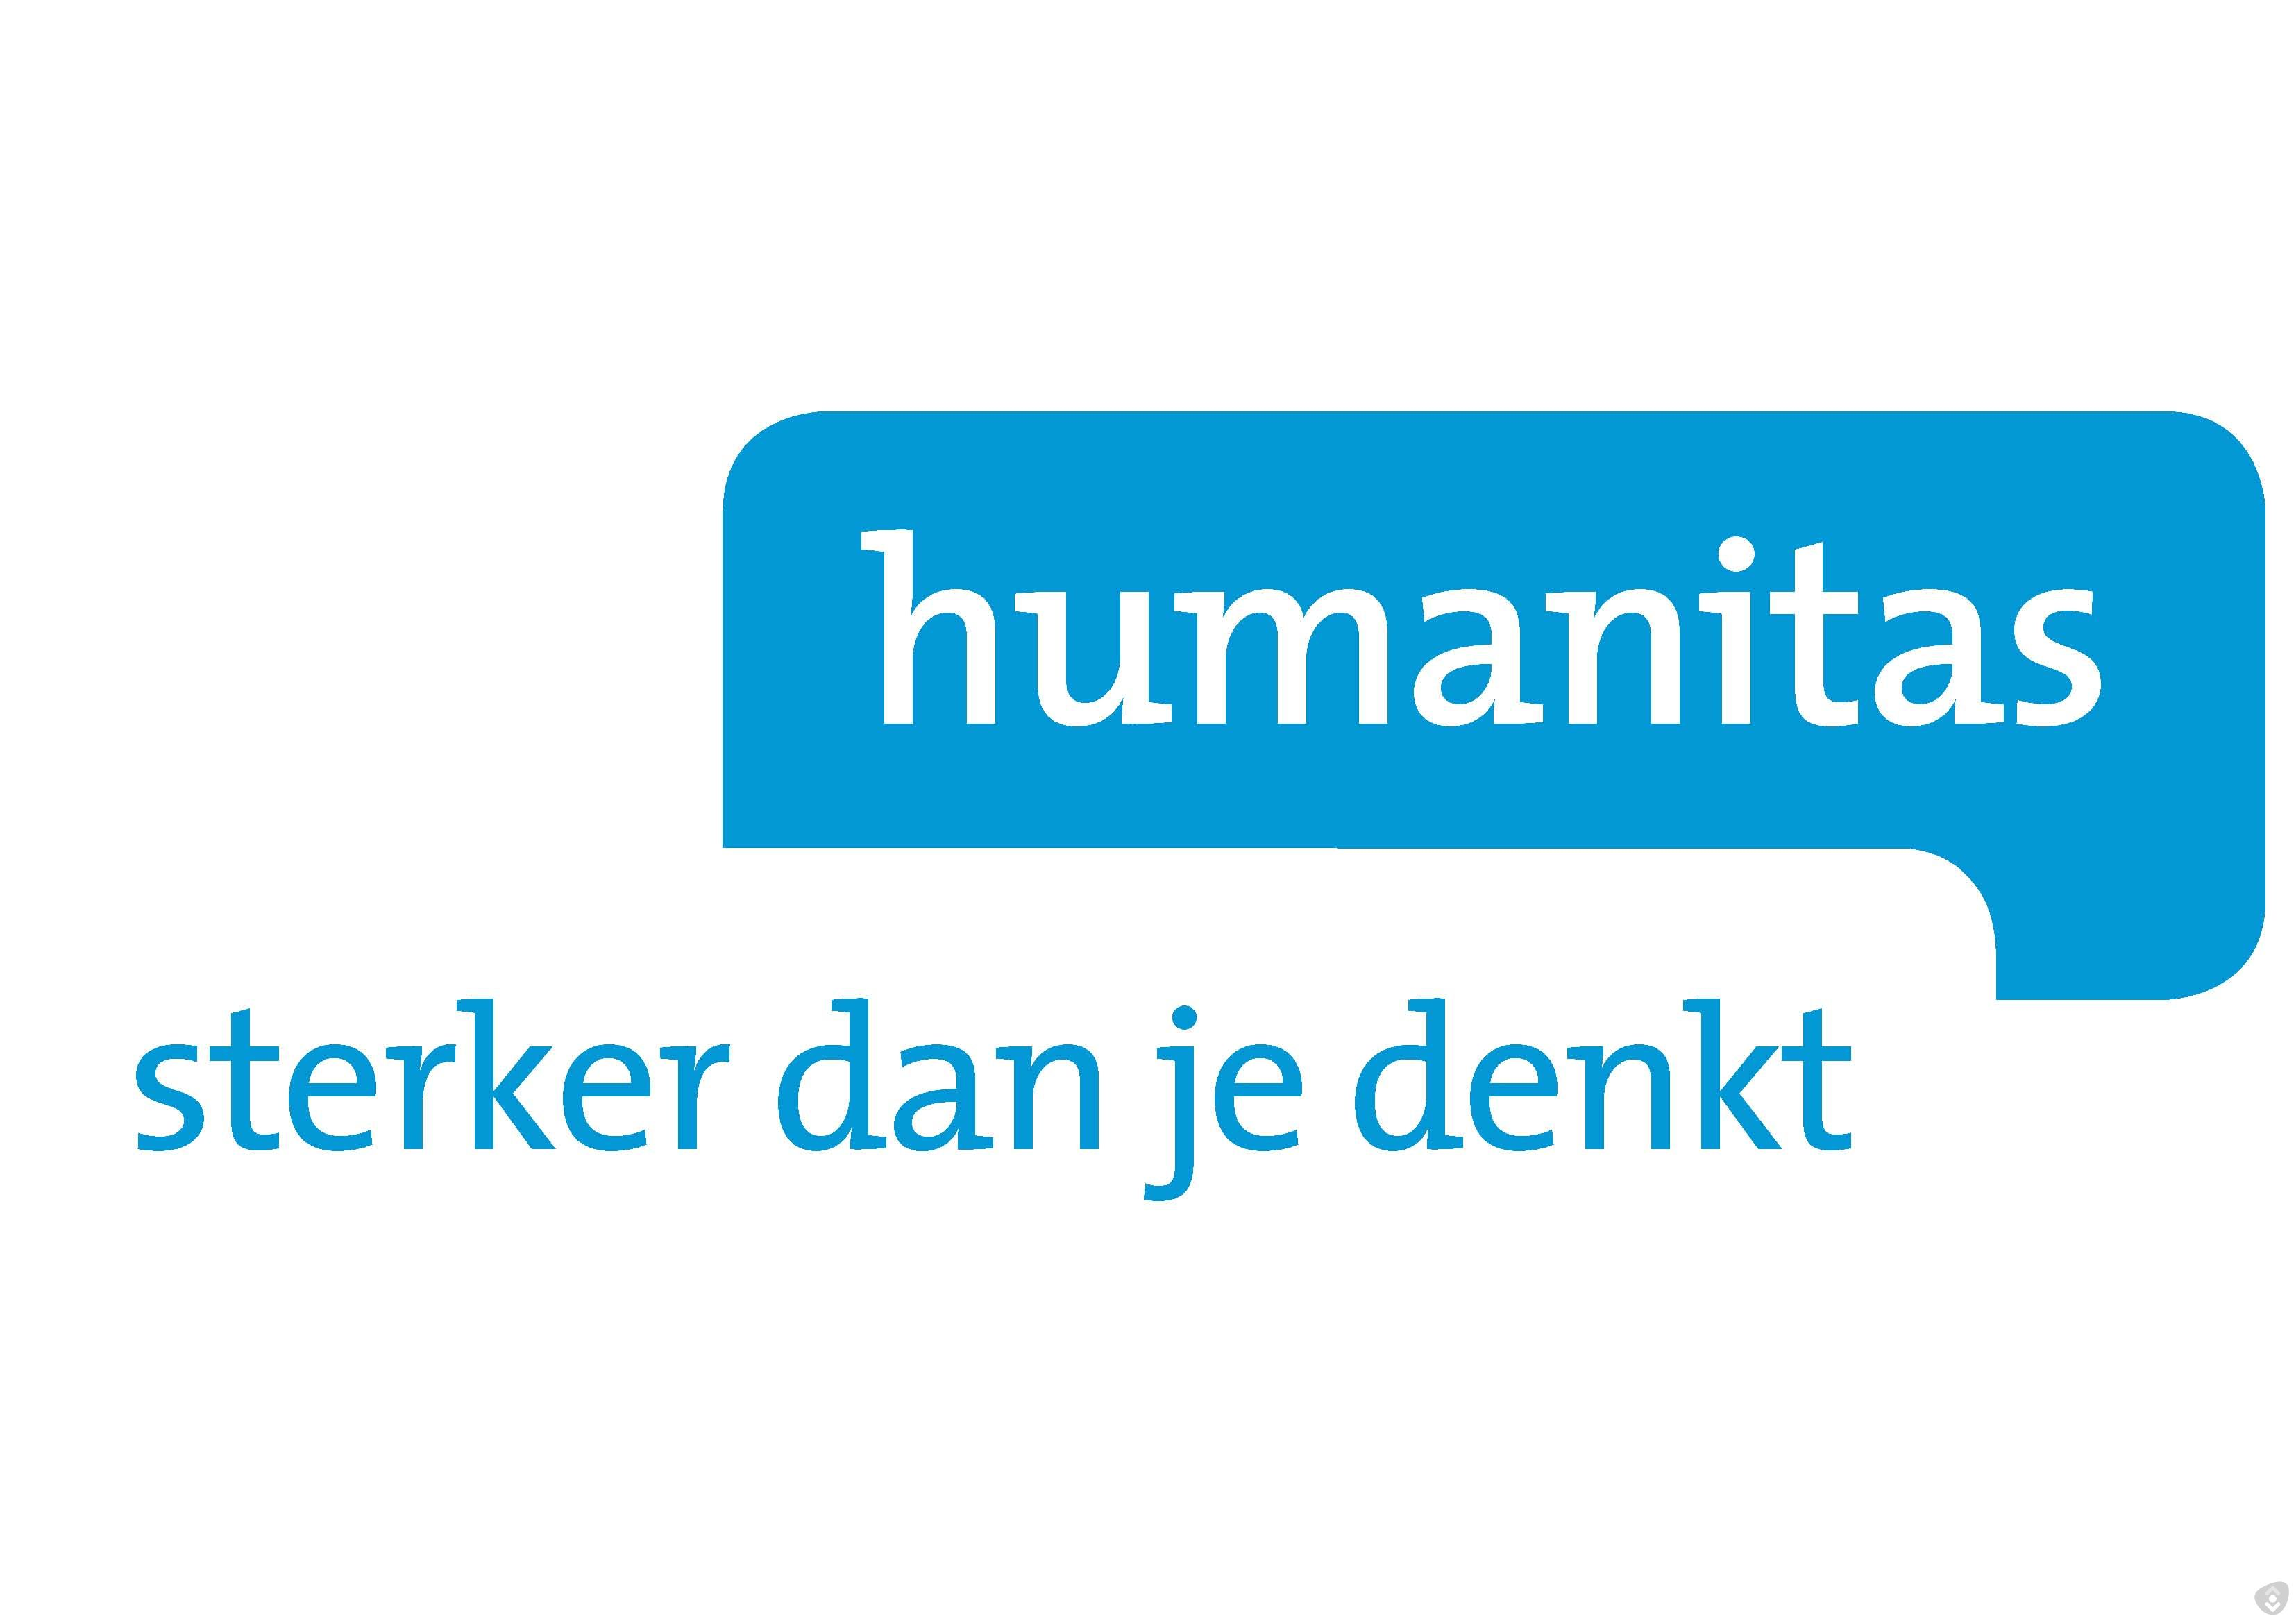 Humanitas-logo+Sterkerdanjedenkt-PMS2925(steunkleur).jpg